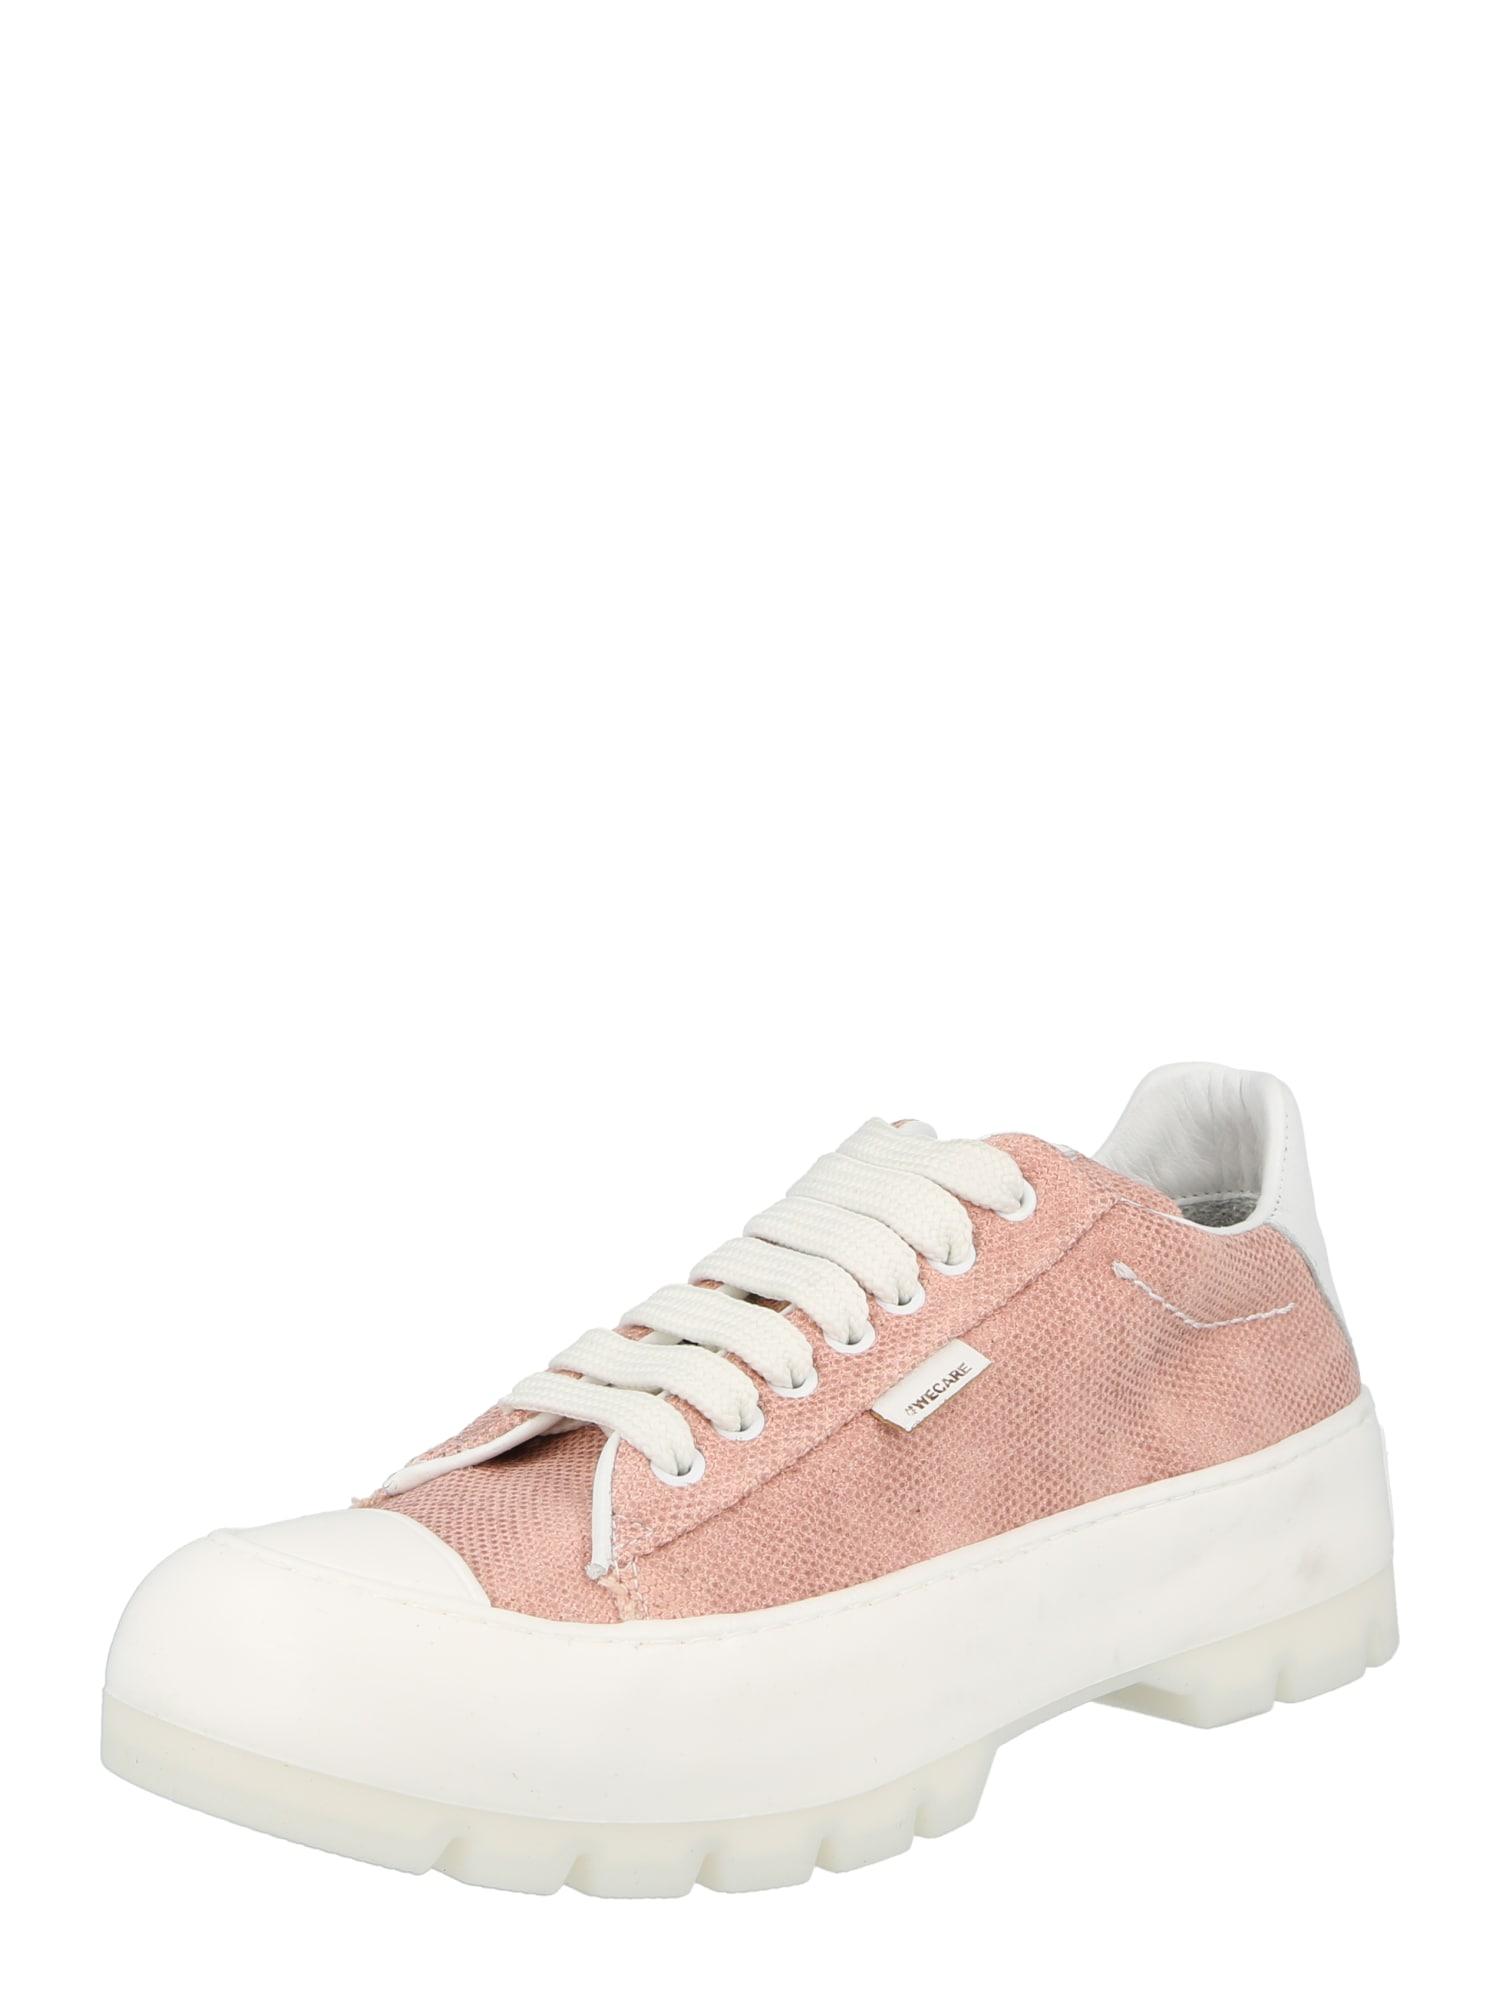 Greyderlab Sportbačiai be auliuko ryškiai rožinė spalva / balta